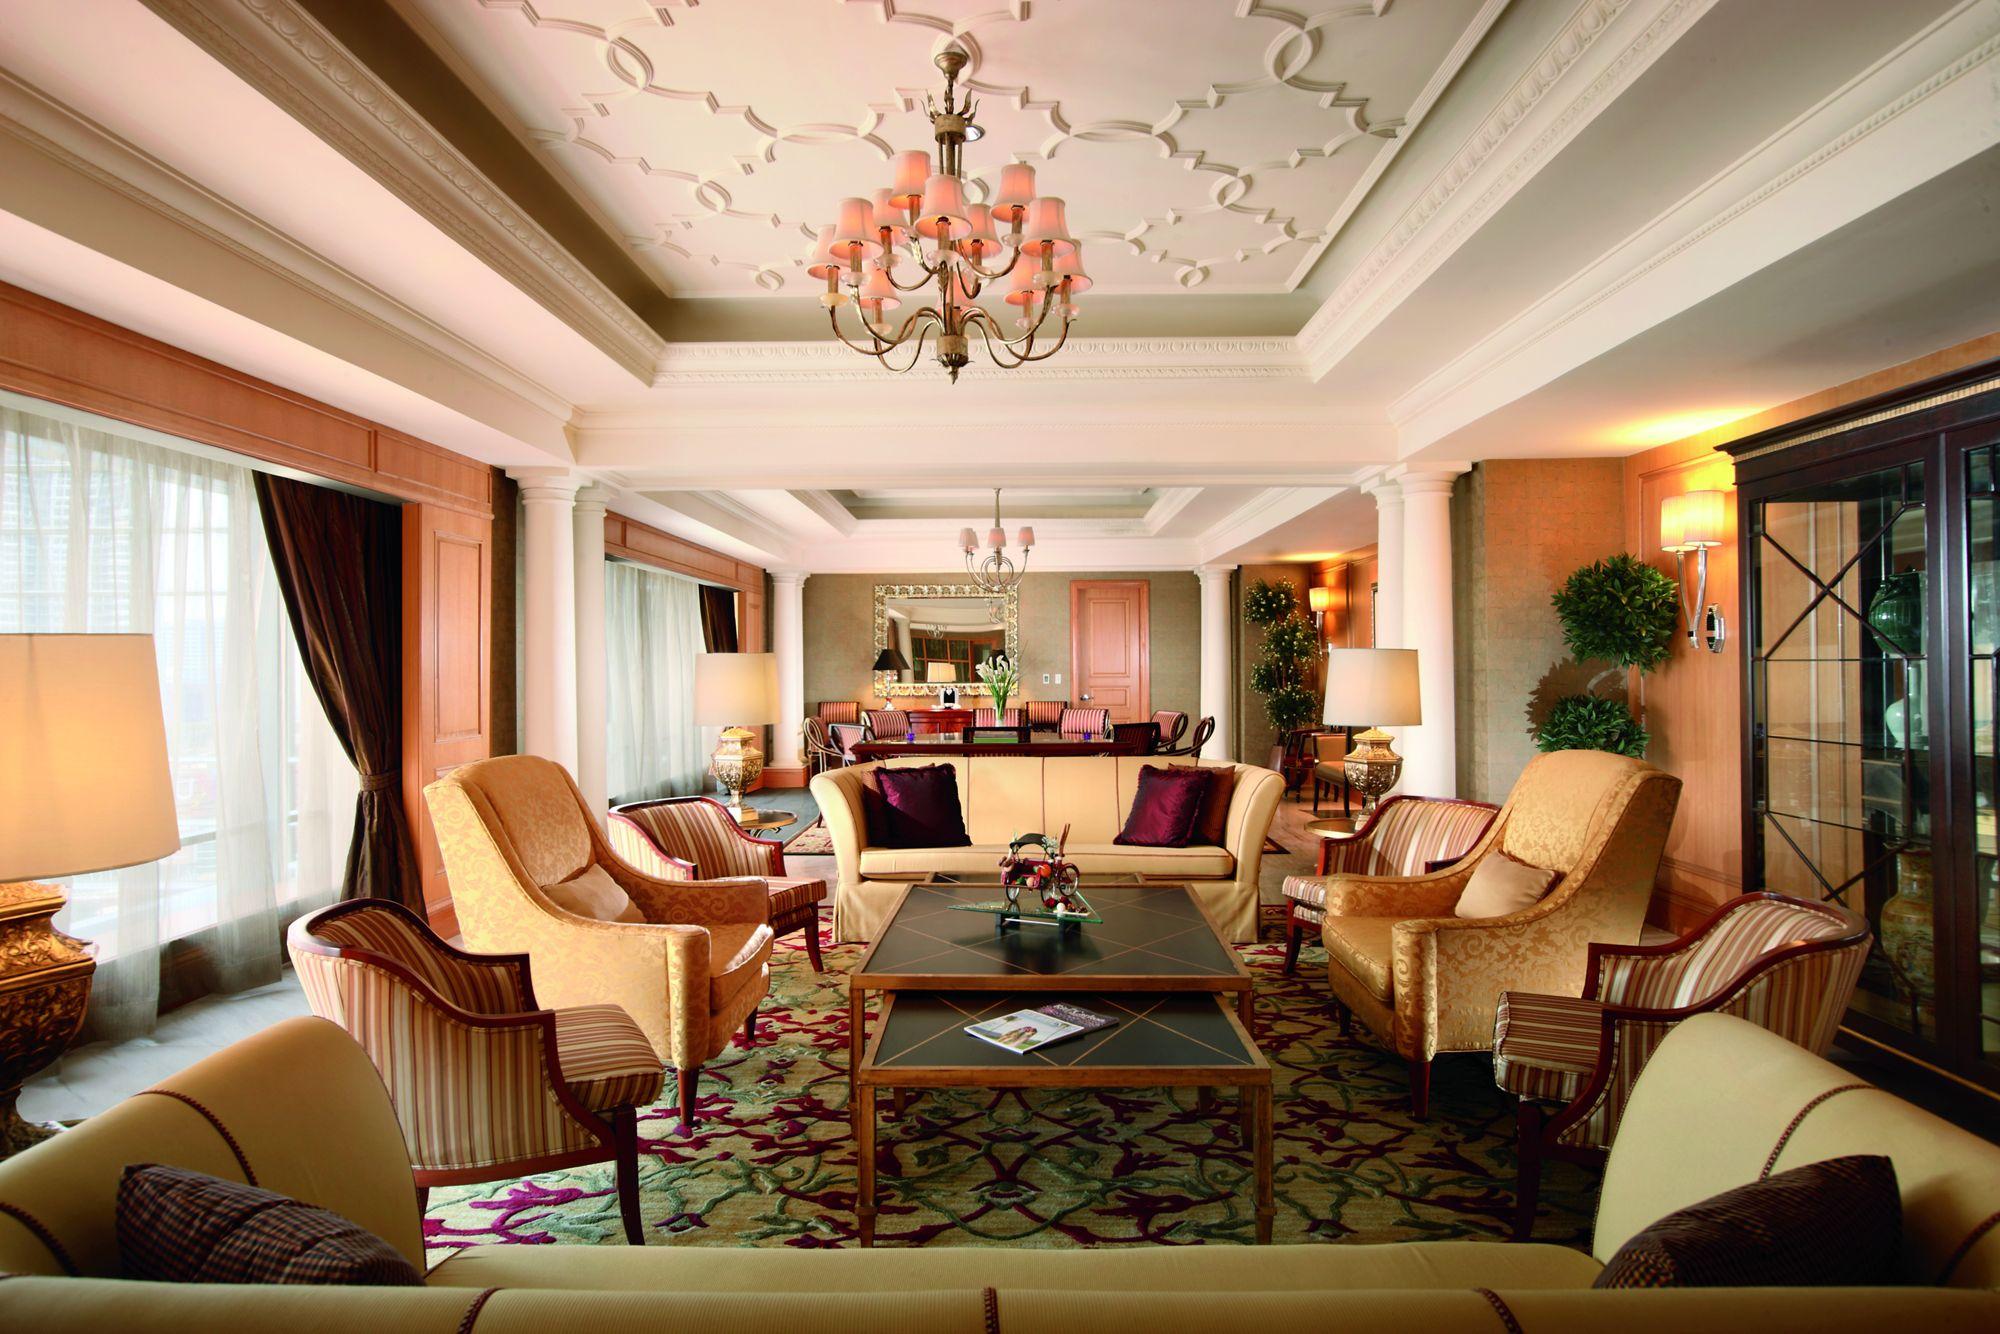 Inilah Tarif Hotel Termahal di Indonesia yang Bikin Kamu Mikir Dua Kali Mau Nginep di Sini